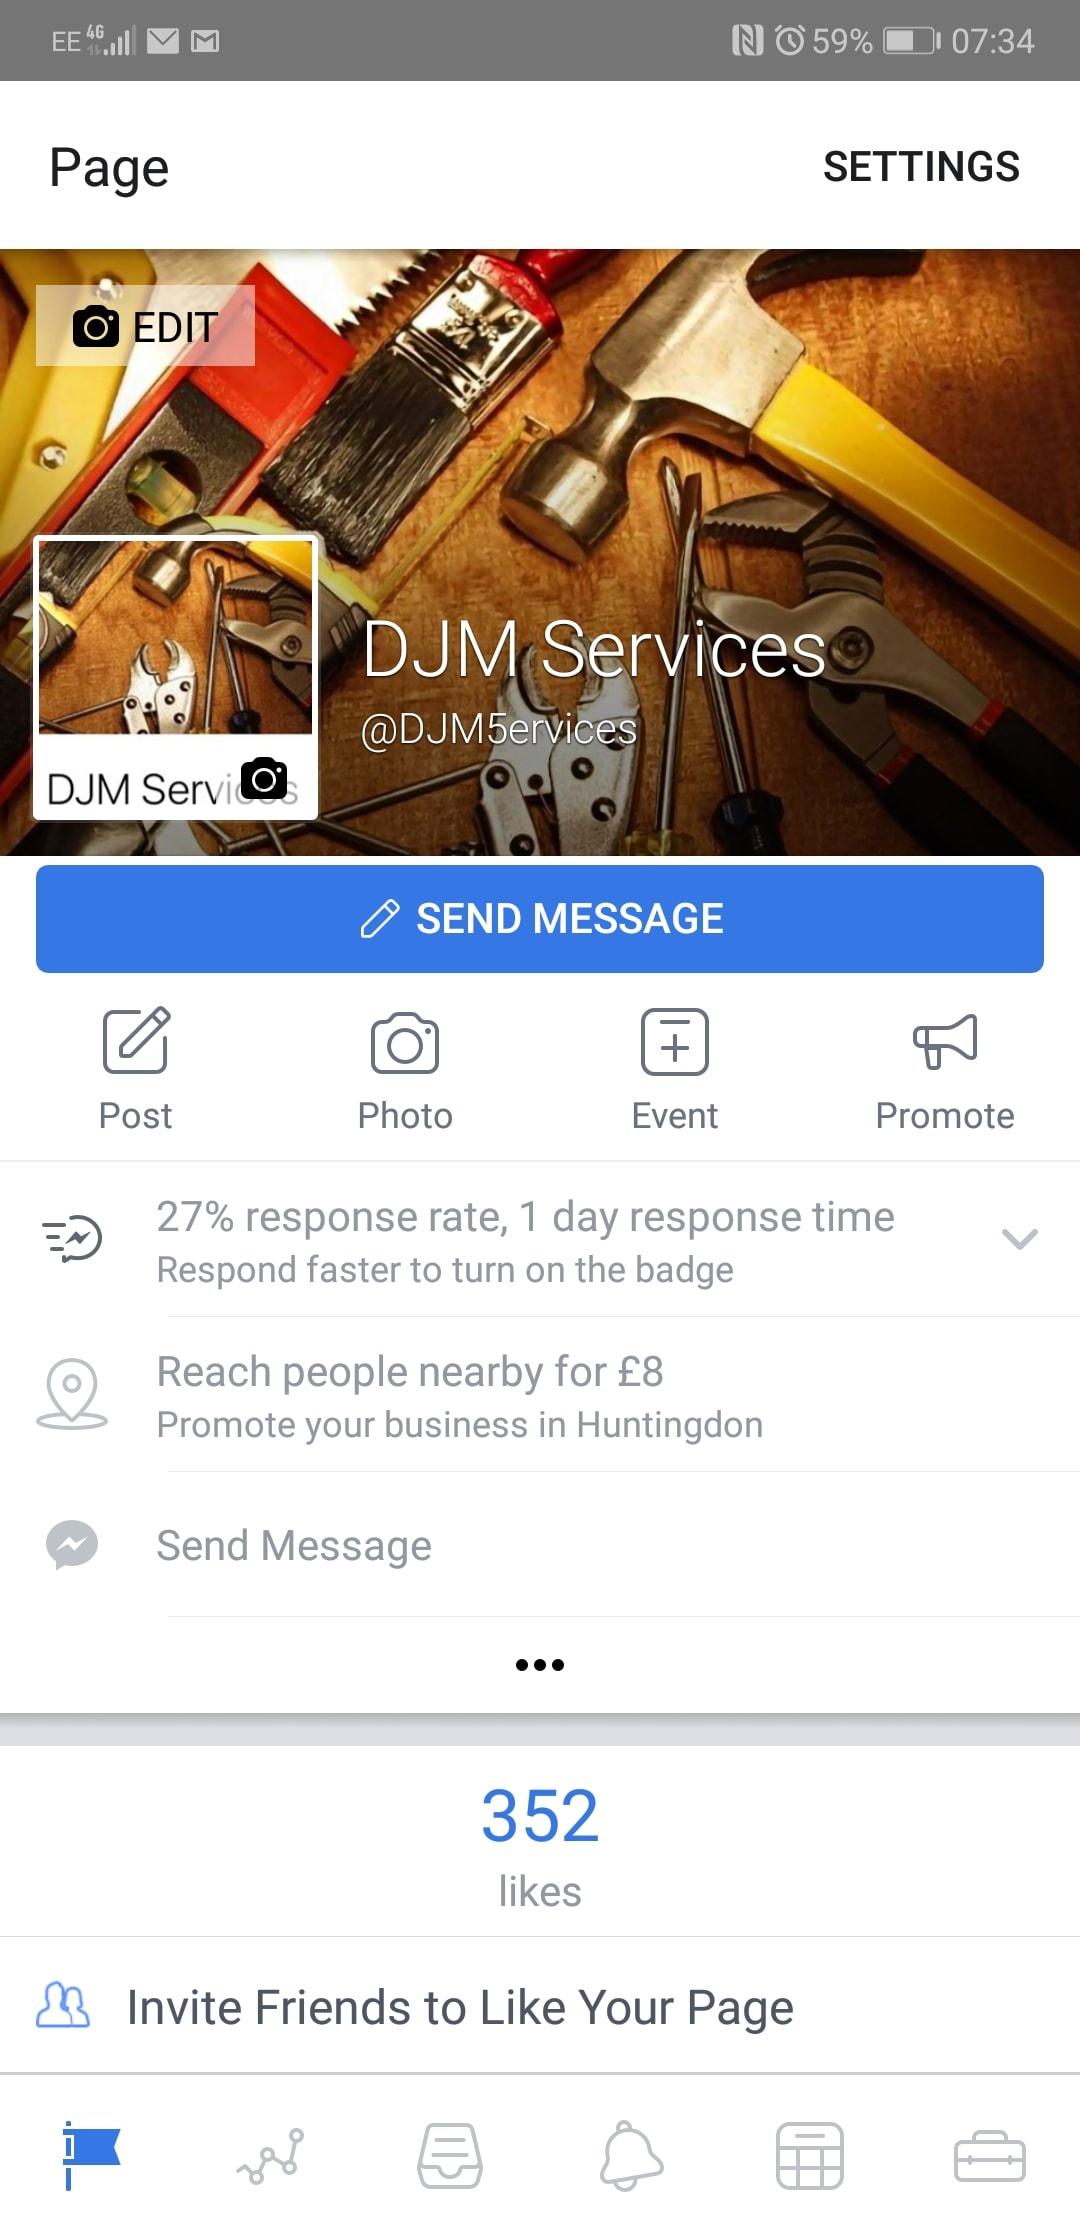 DJM Services